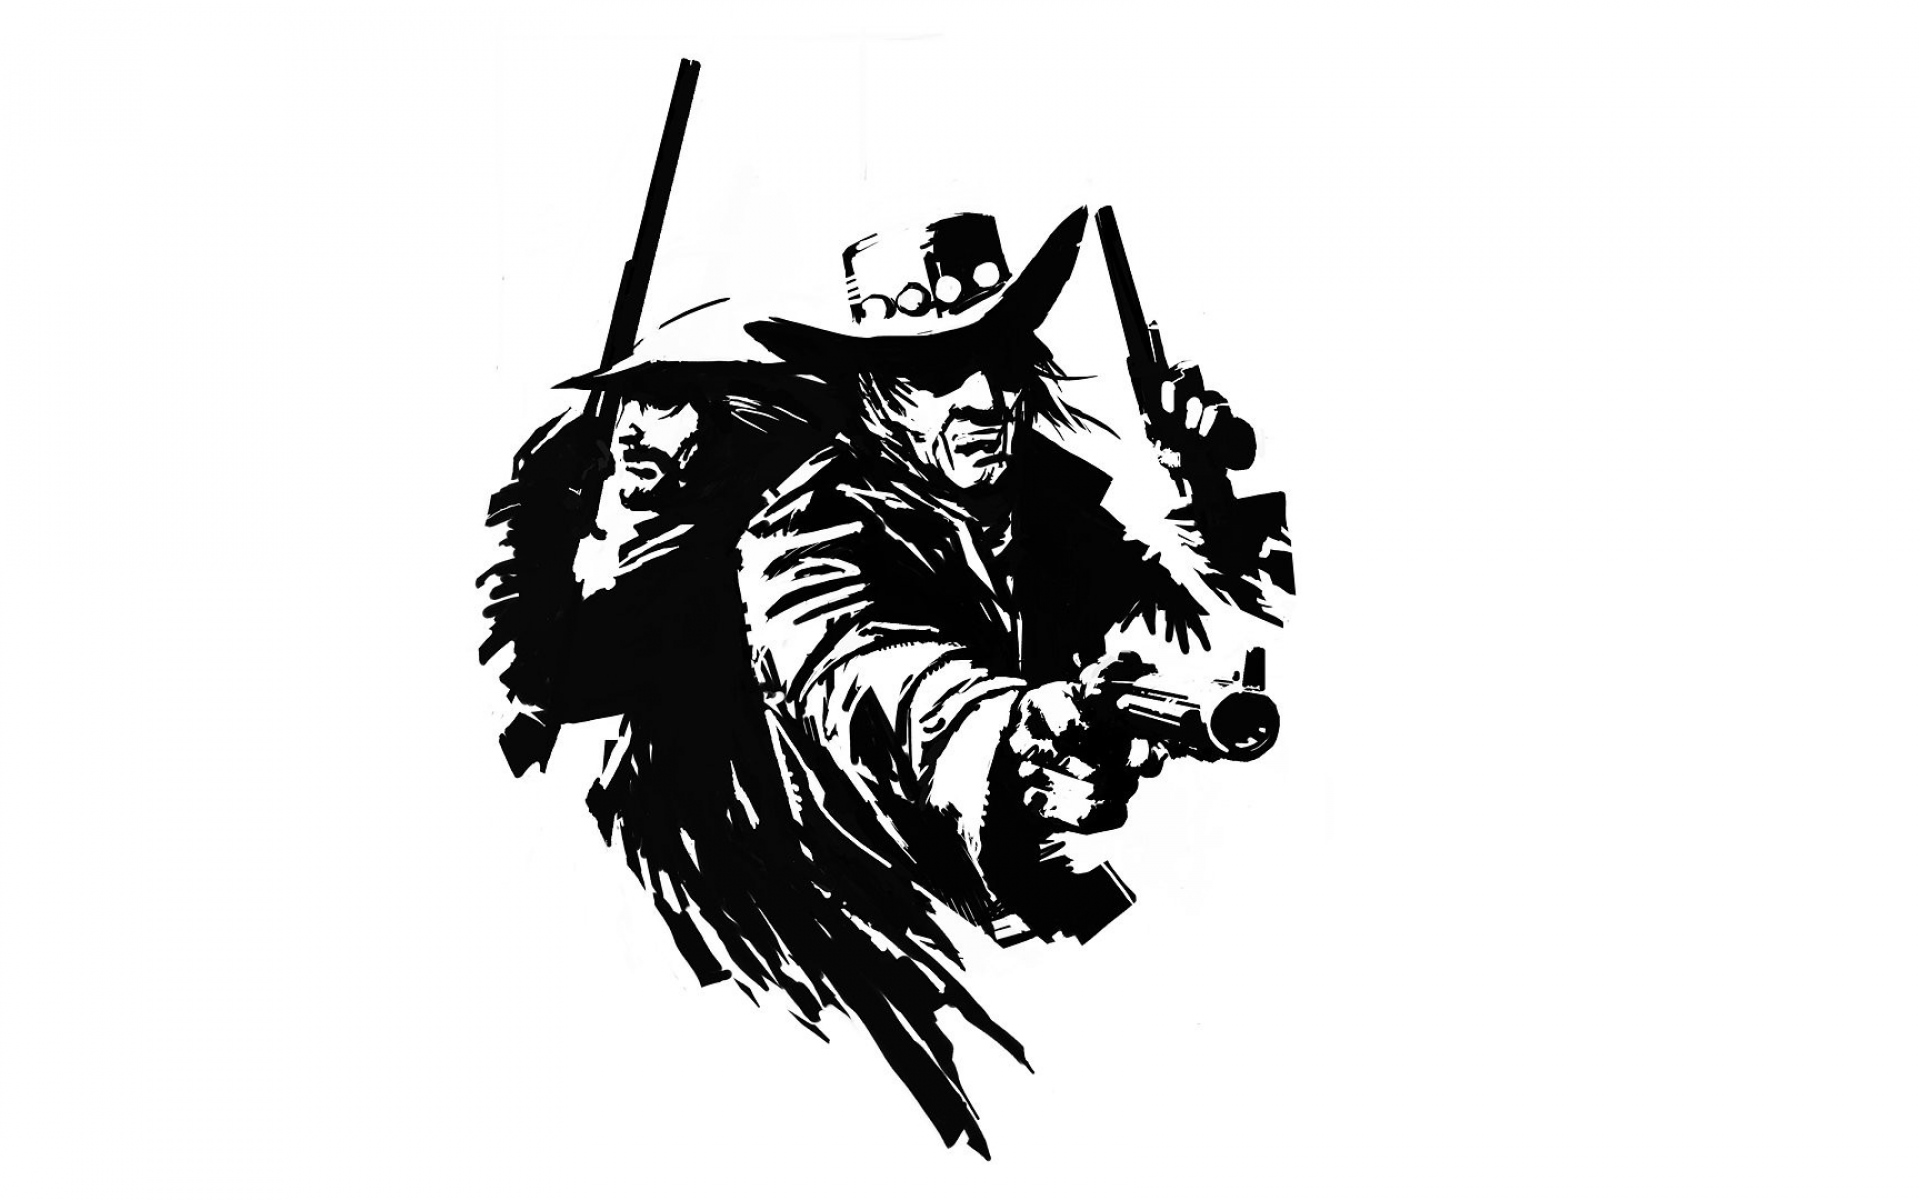 Ковбой рисунок черно белый